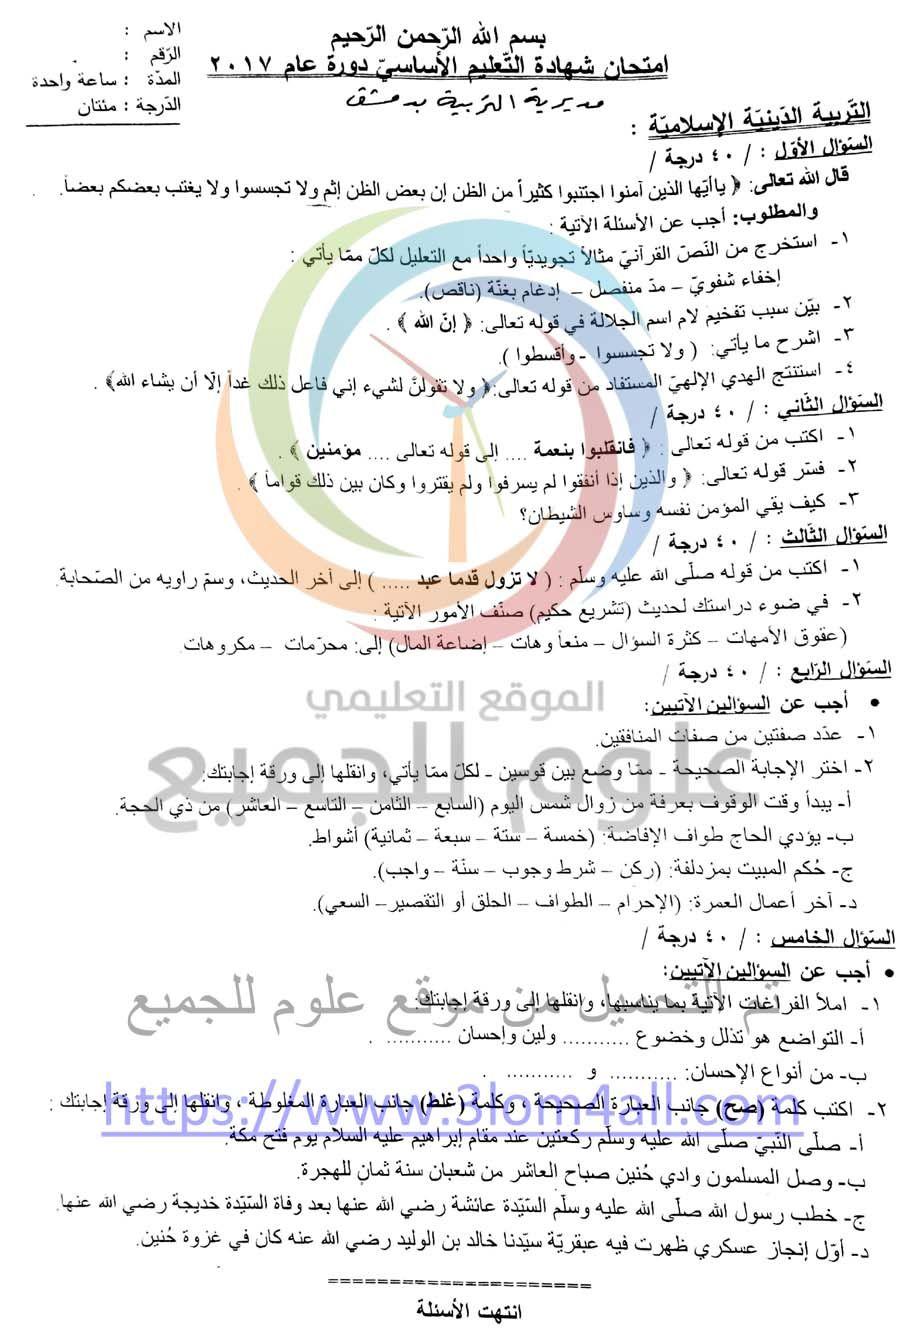 ورقة اسئلة التربية الدينية لكل المحافظات تاسع 2017 في سوريا Social Security Card Cards Coloring Sheets